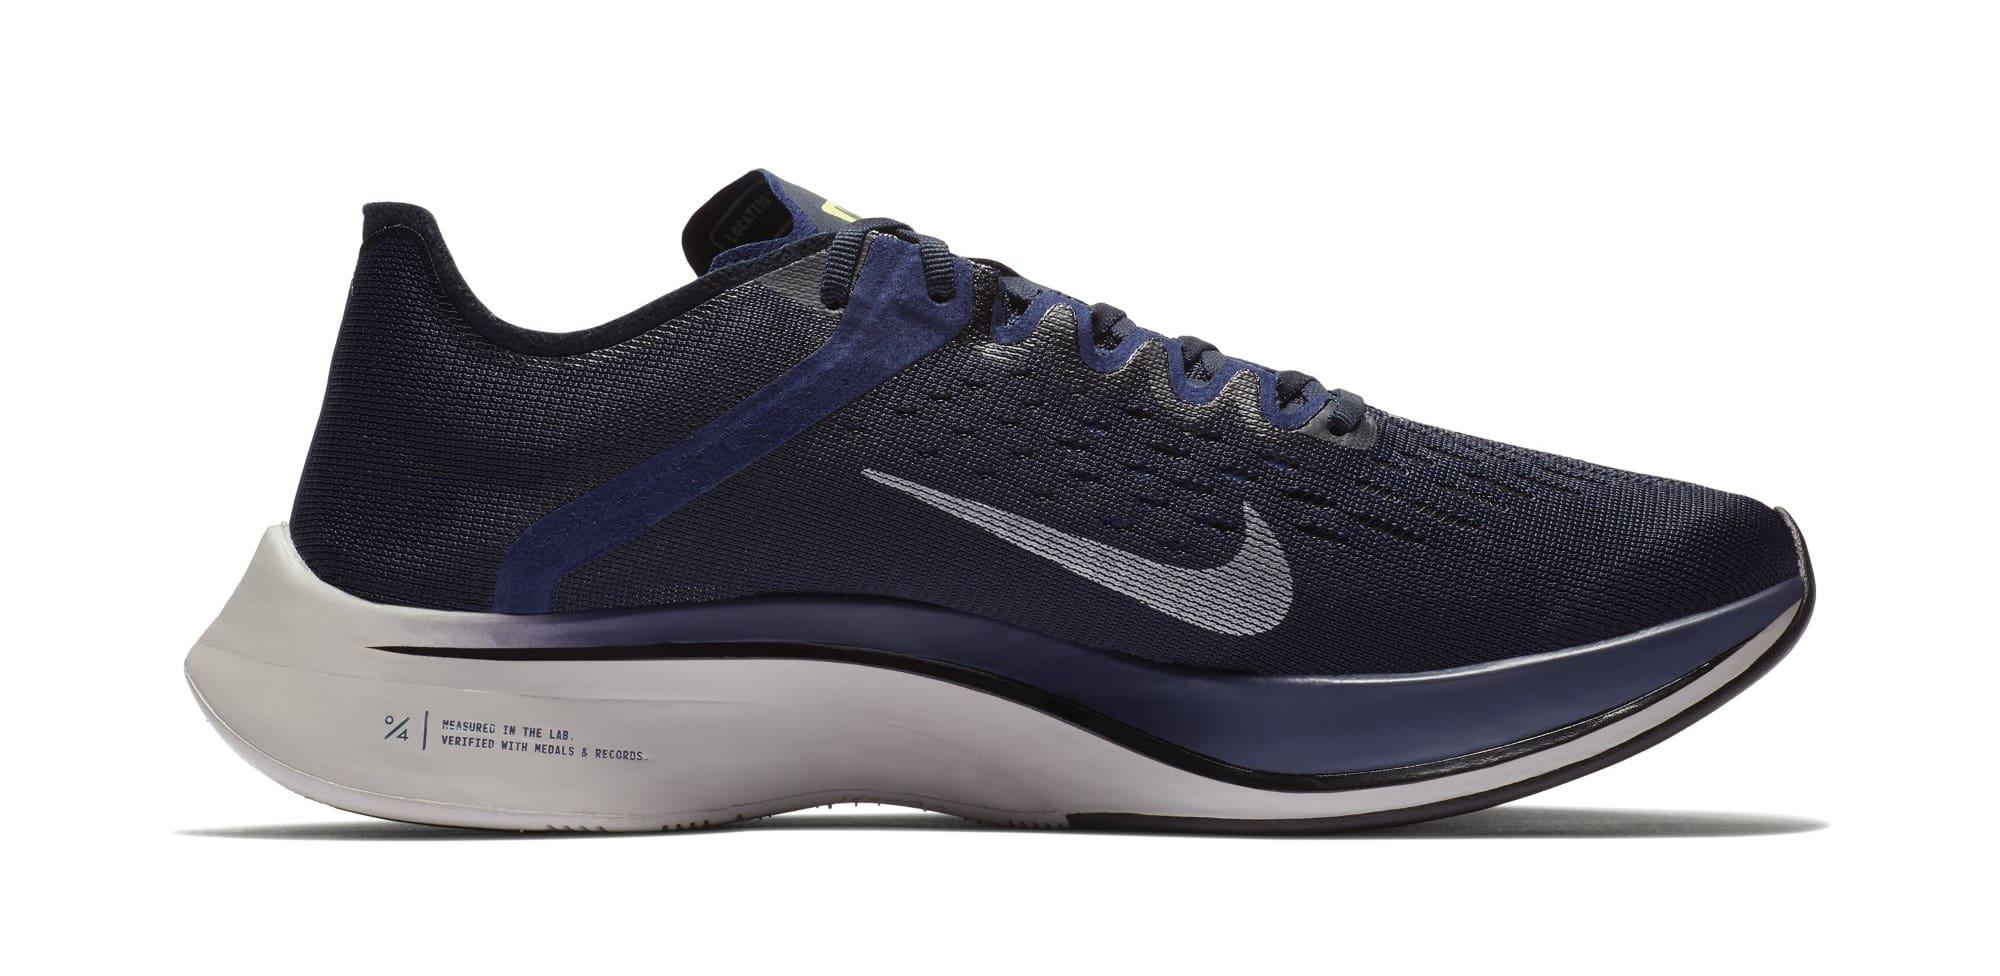 """Giày Nike chính hãng và chuỗi video """"It's Gotta Be the Shoes"""" không có Michael Jordan"""